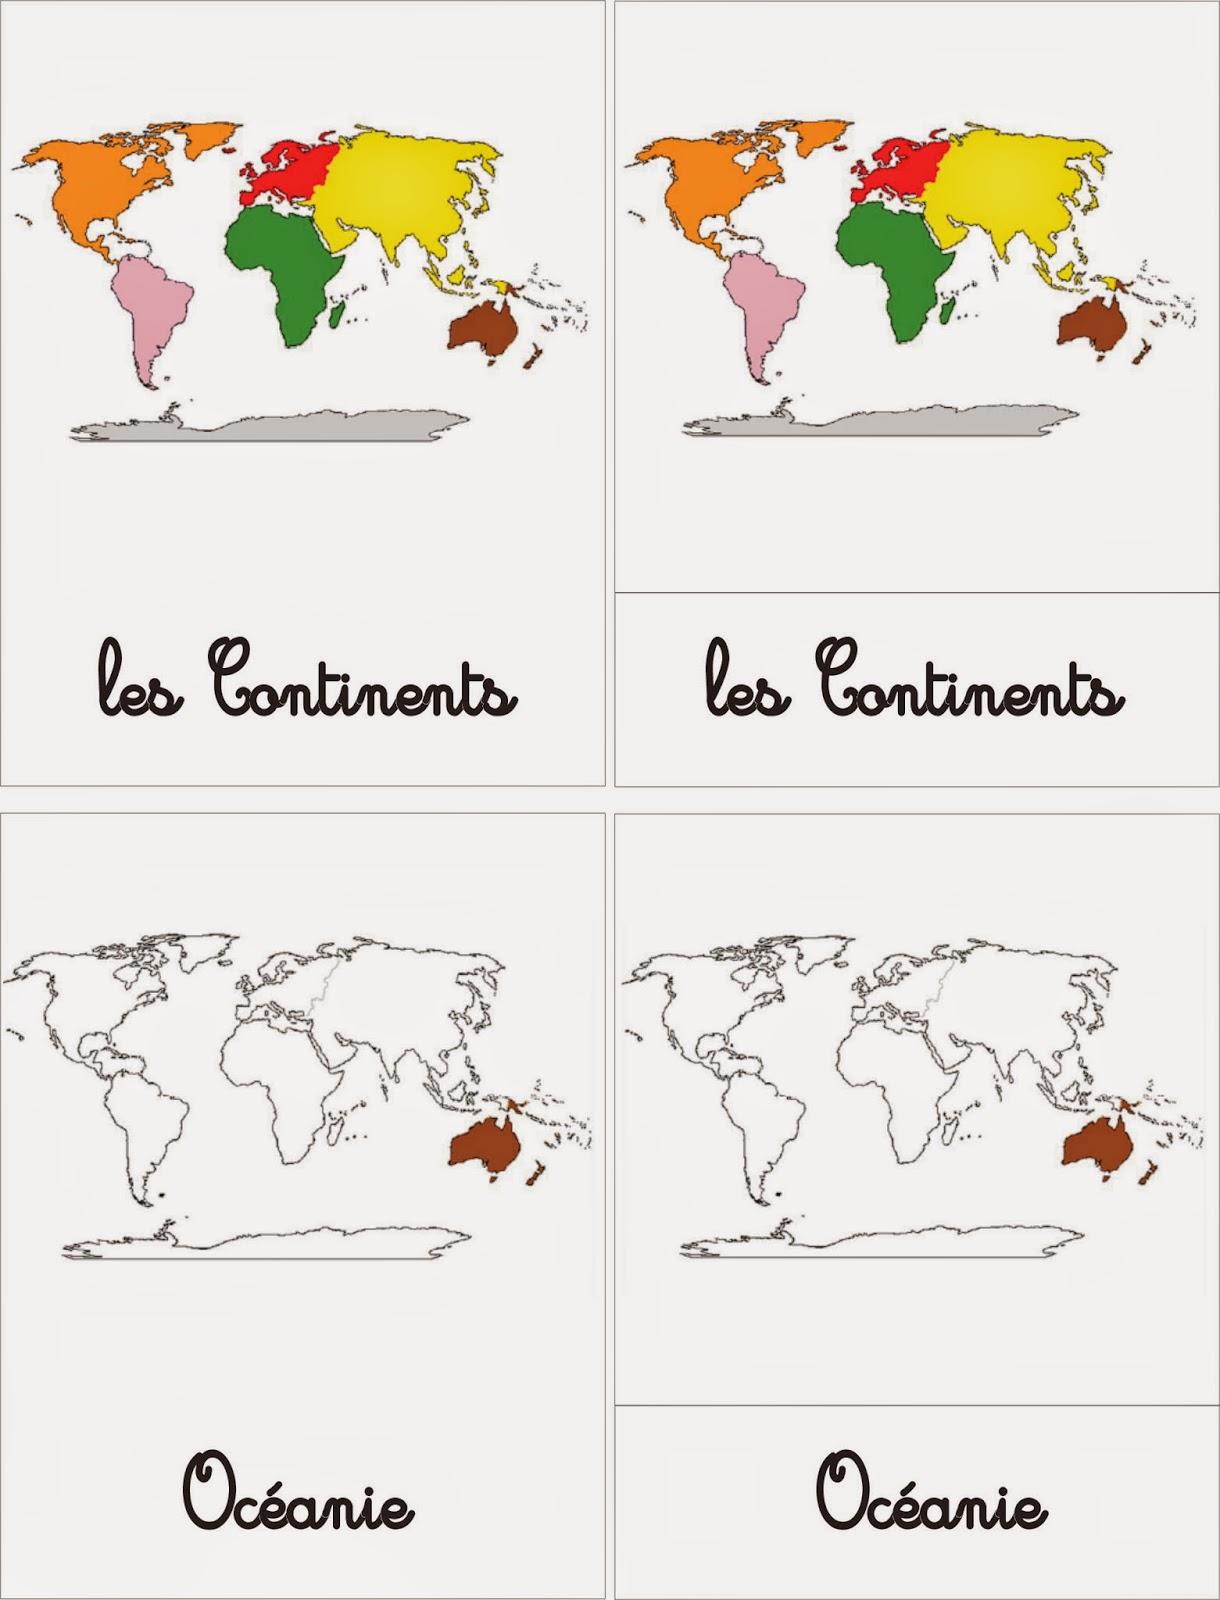 Ma Petite Fabrique Montessori Les Continents Et Oceans